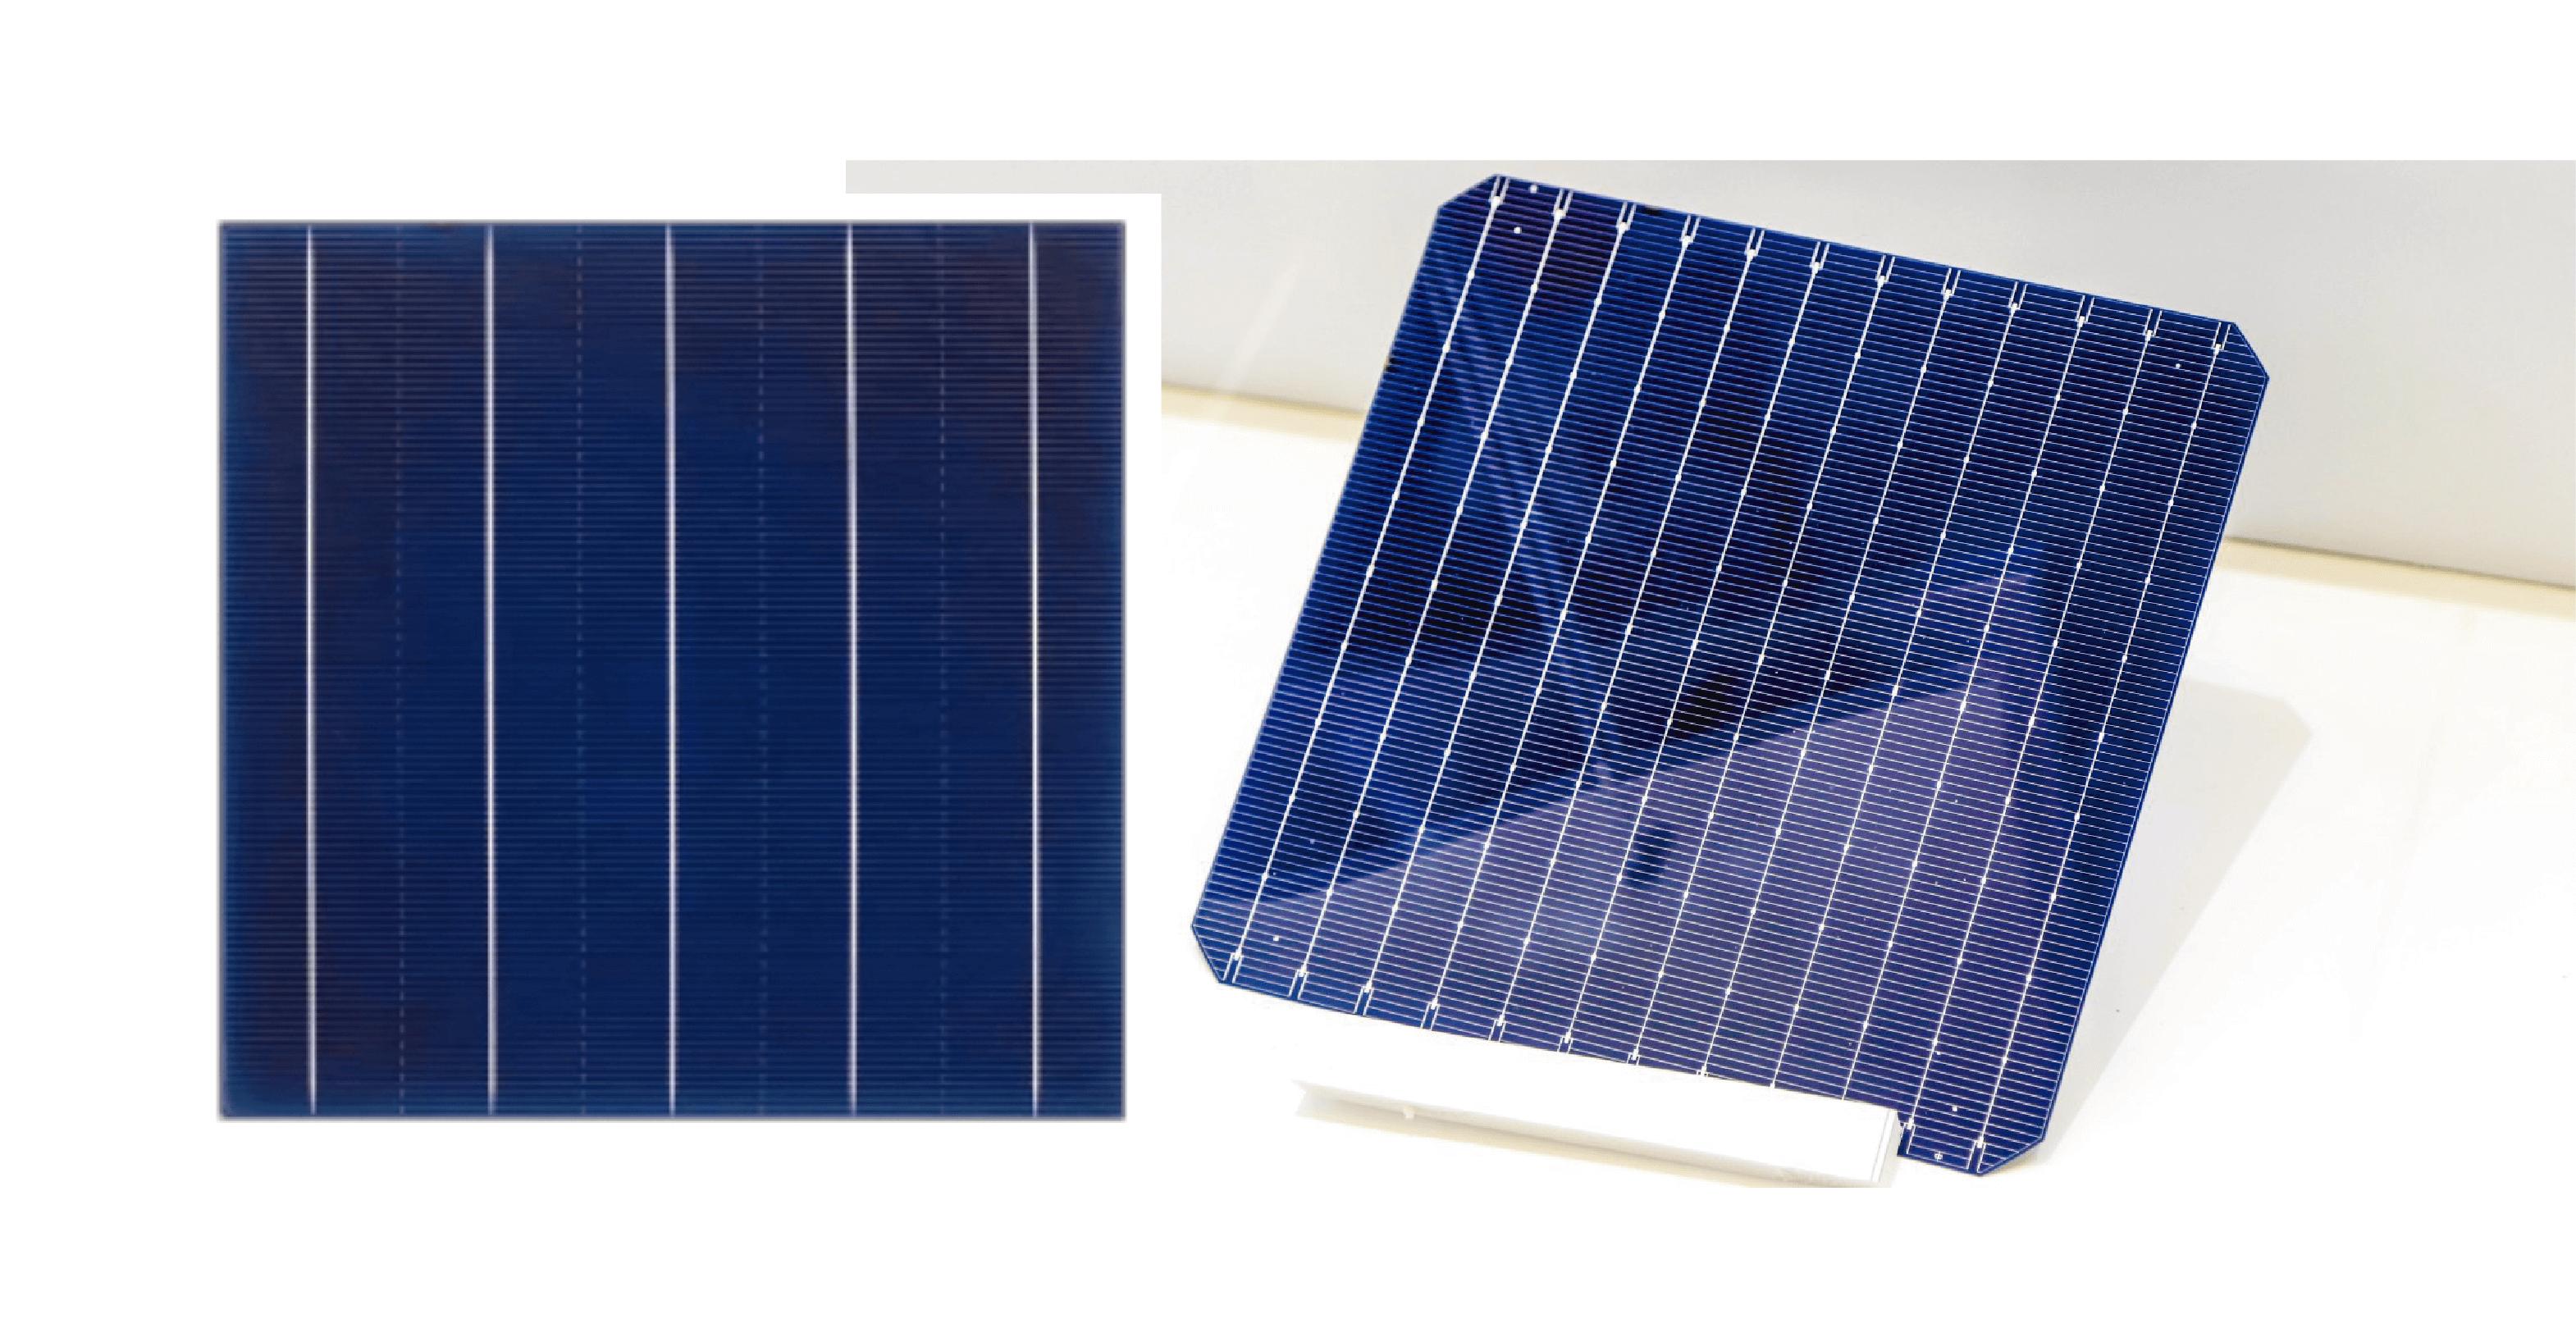 ¿Cómo se determina la calidad de un panel solar?